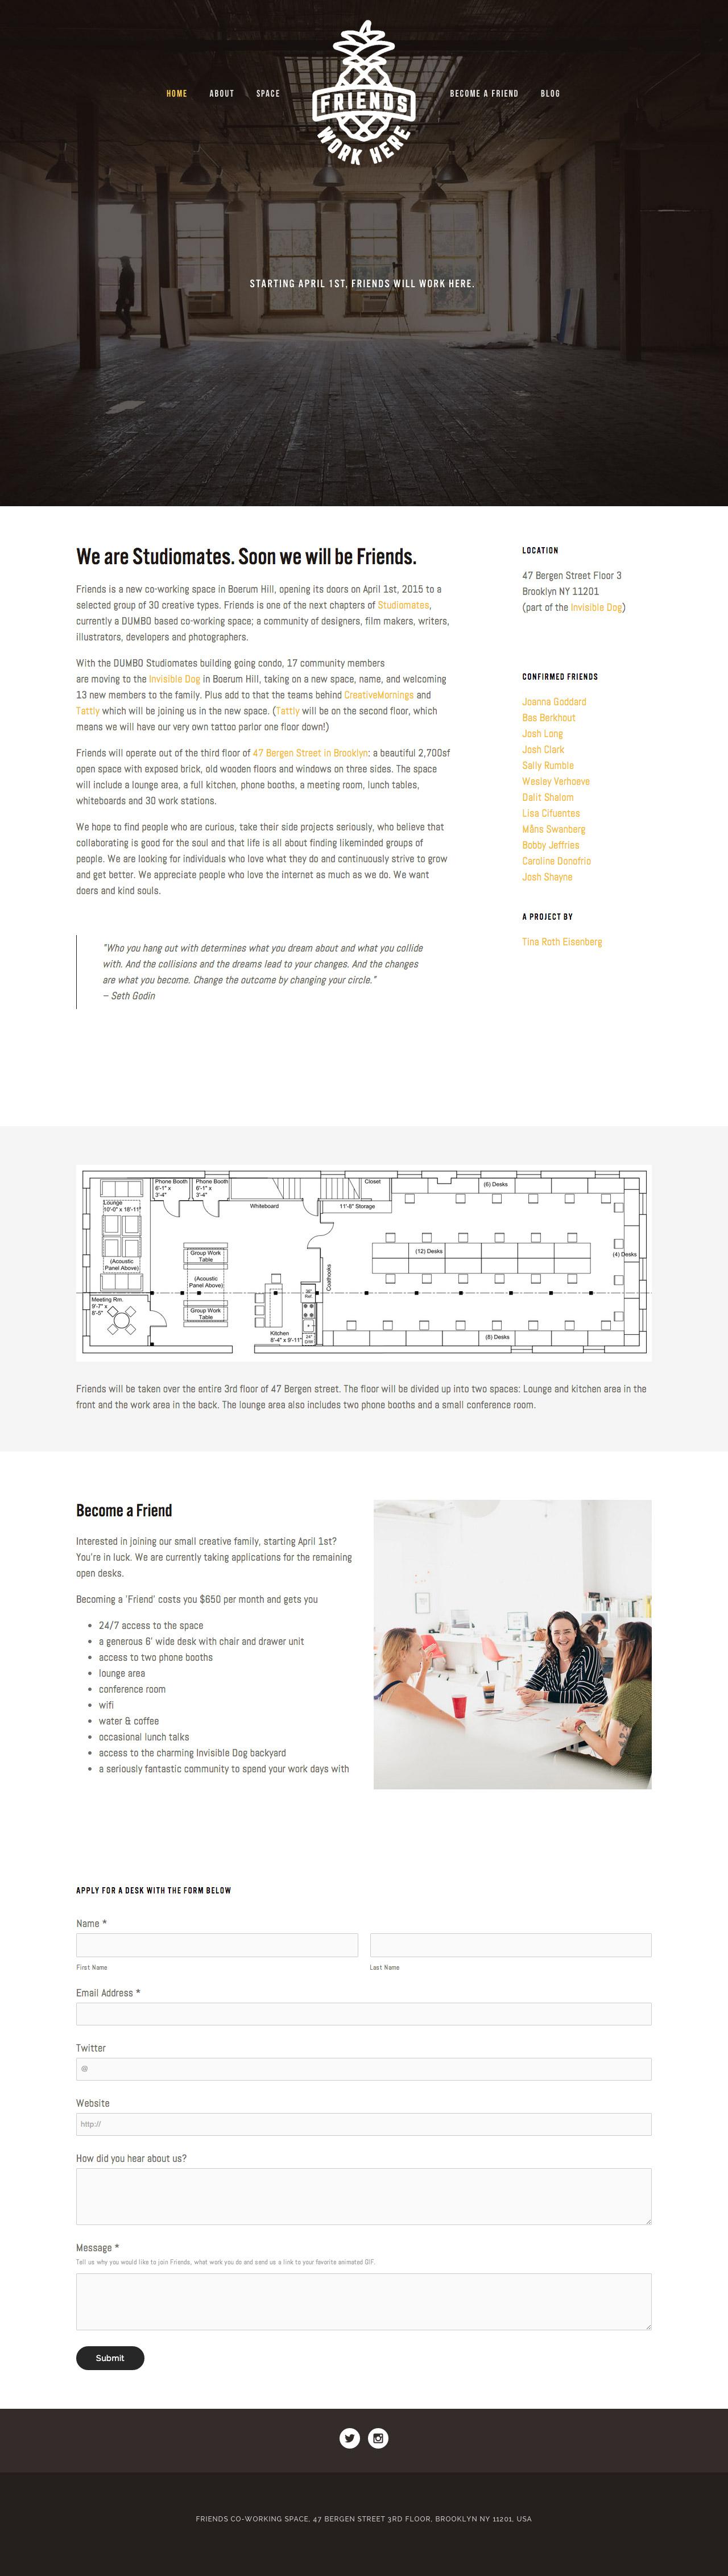 Friends Website Screenshot